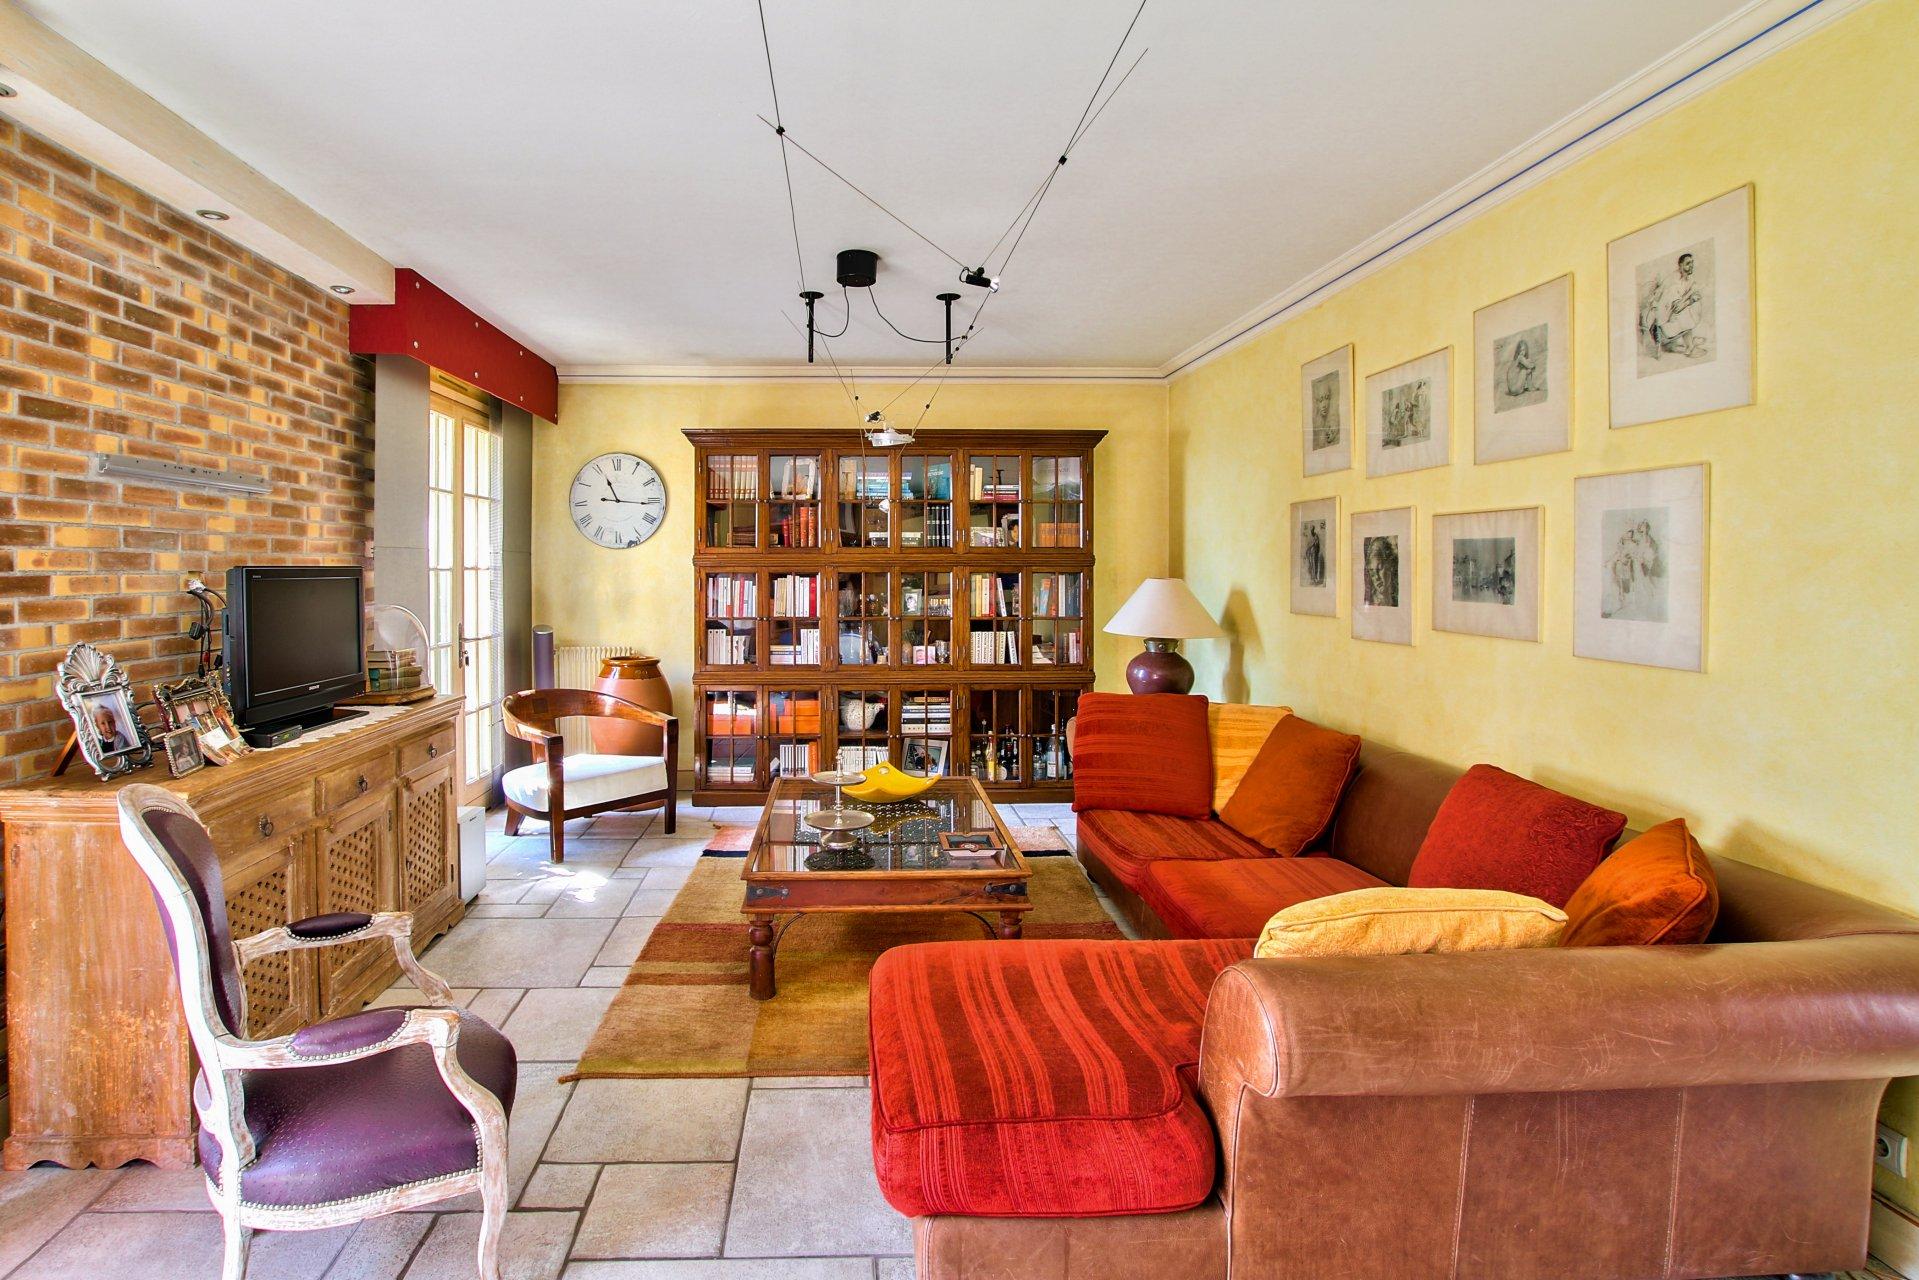 maison de 138.4 m2 comprenant 5 pièces